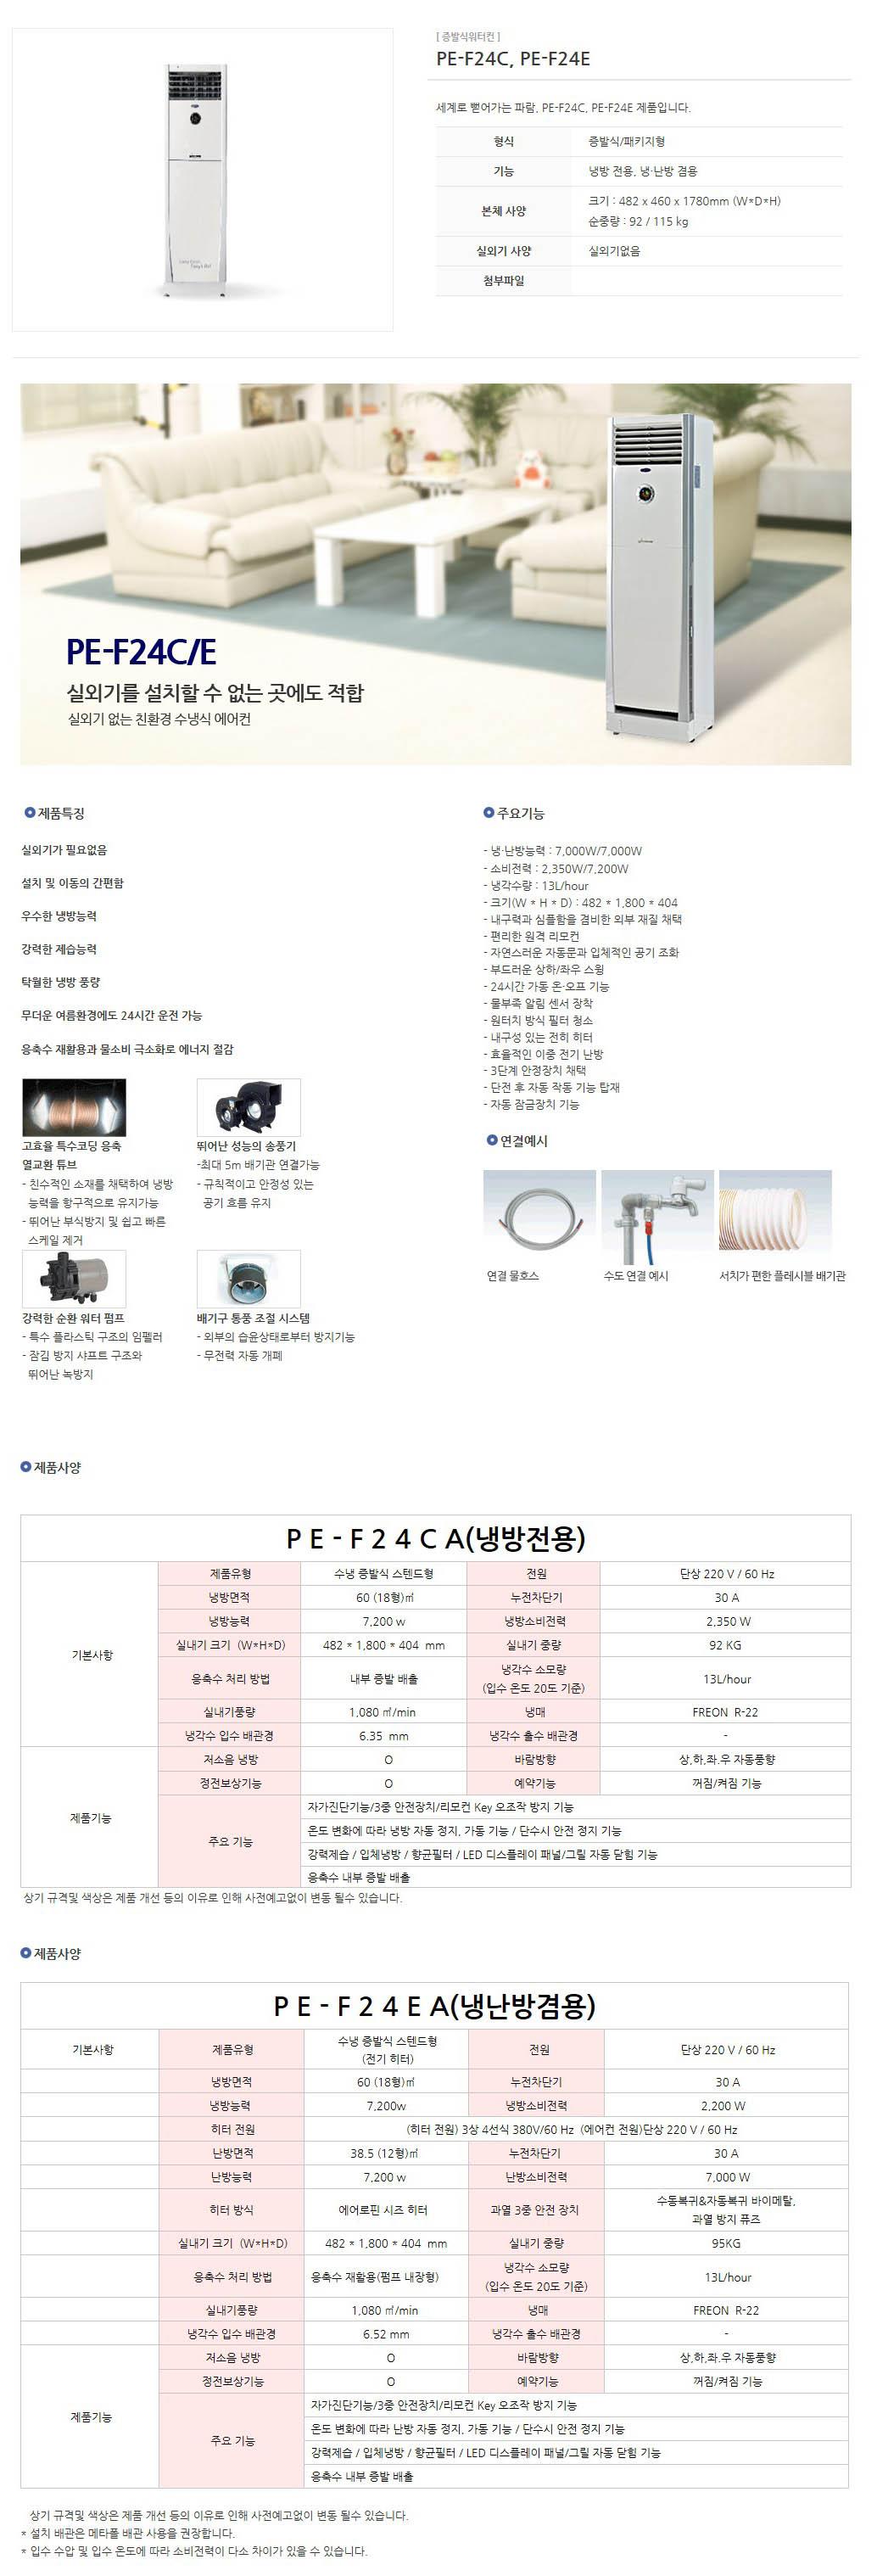 (주)파람 수냉 증발식 에어컨 PE-F24C, PE-F24E